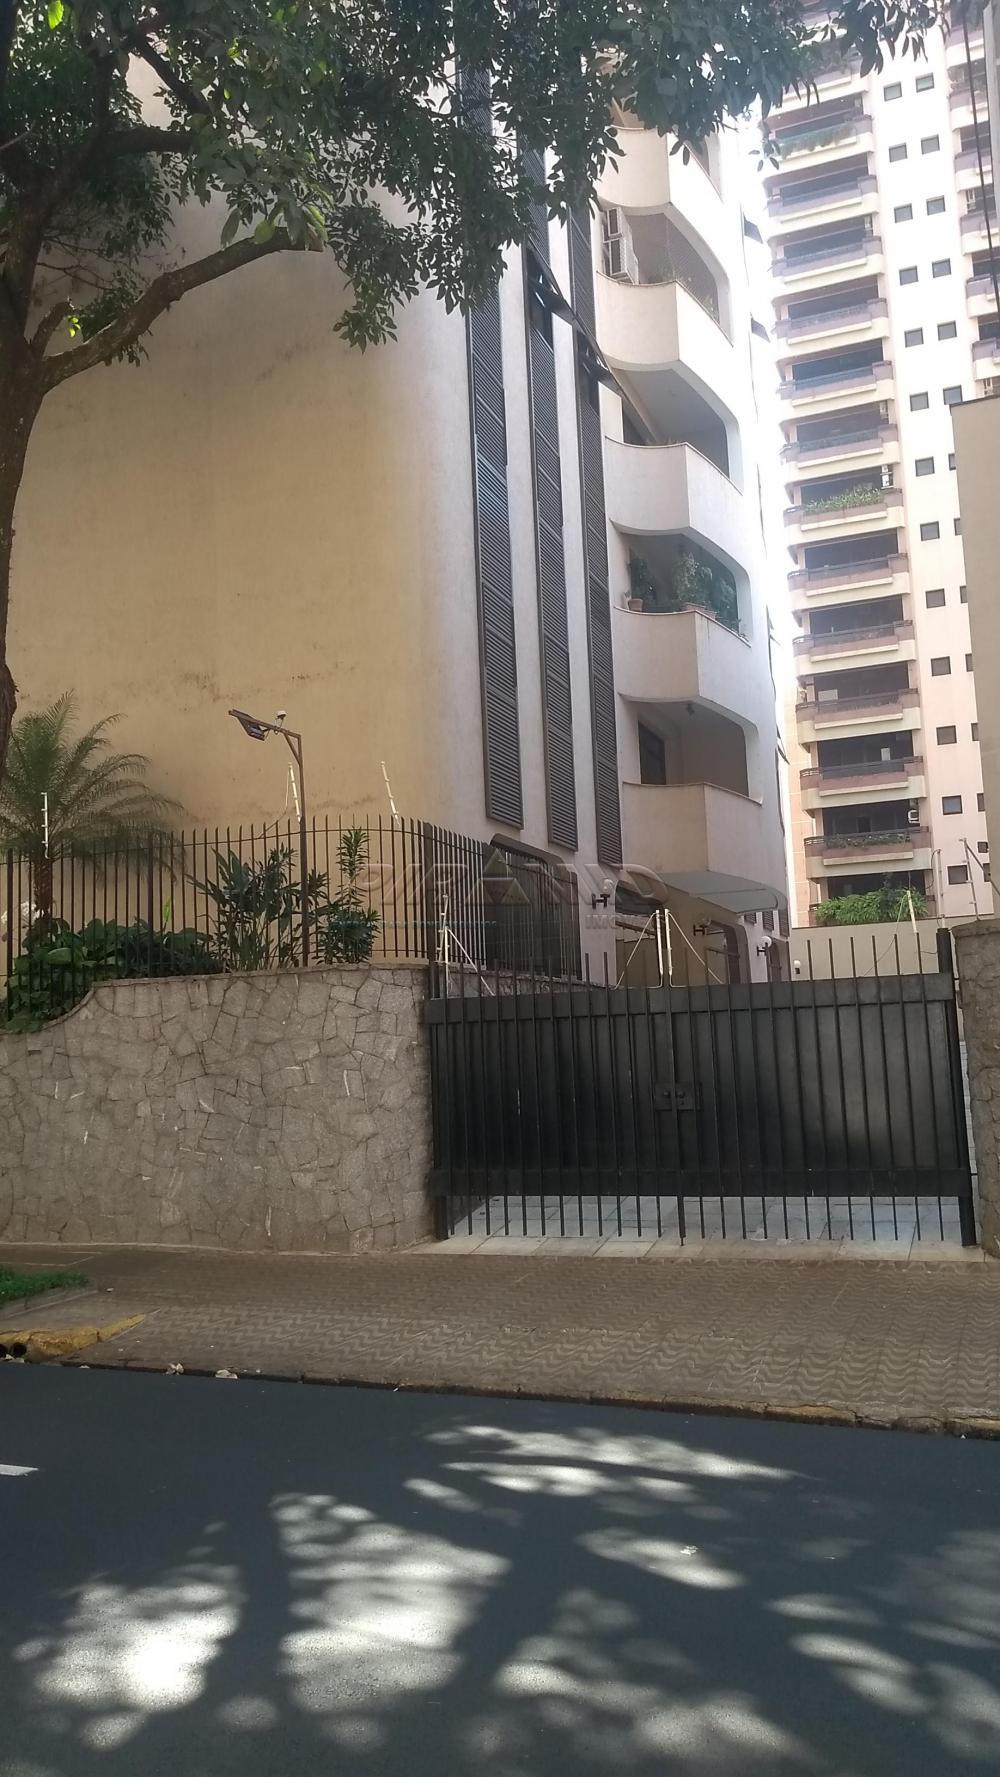 Comprar Apartamento / Padrão em Ribeirão Preto apenas R$ 1.500.000,00 - Foto 24